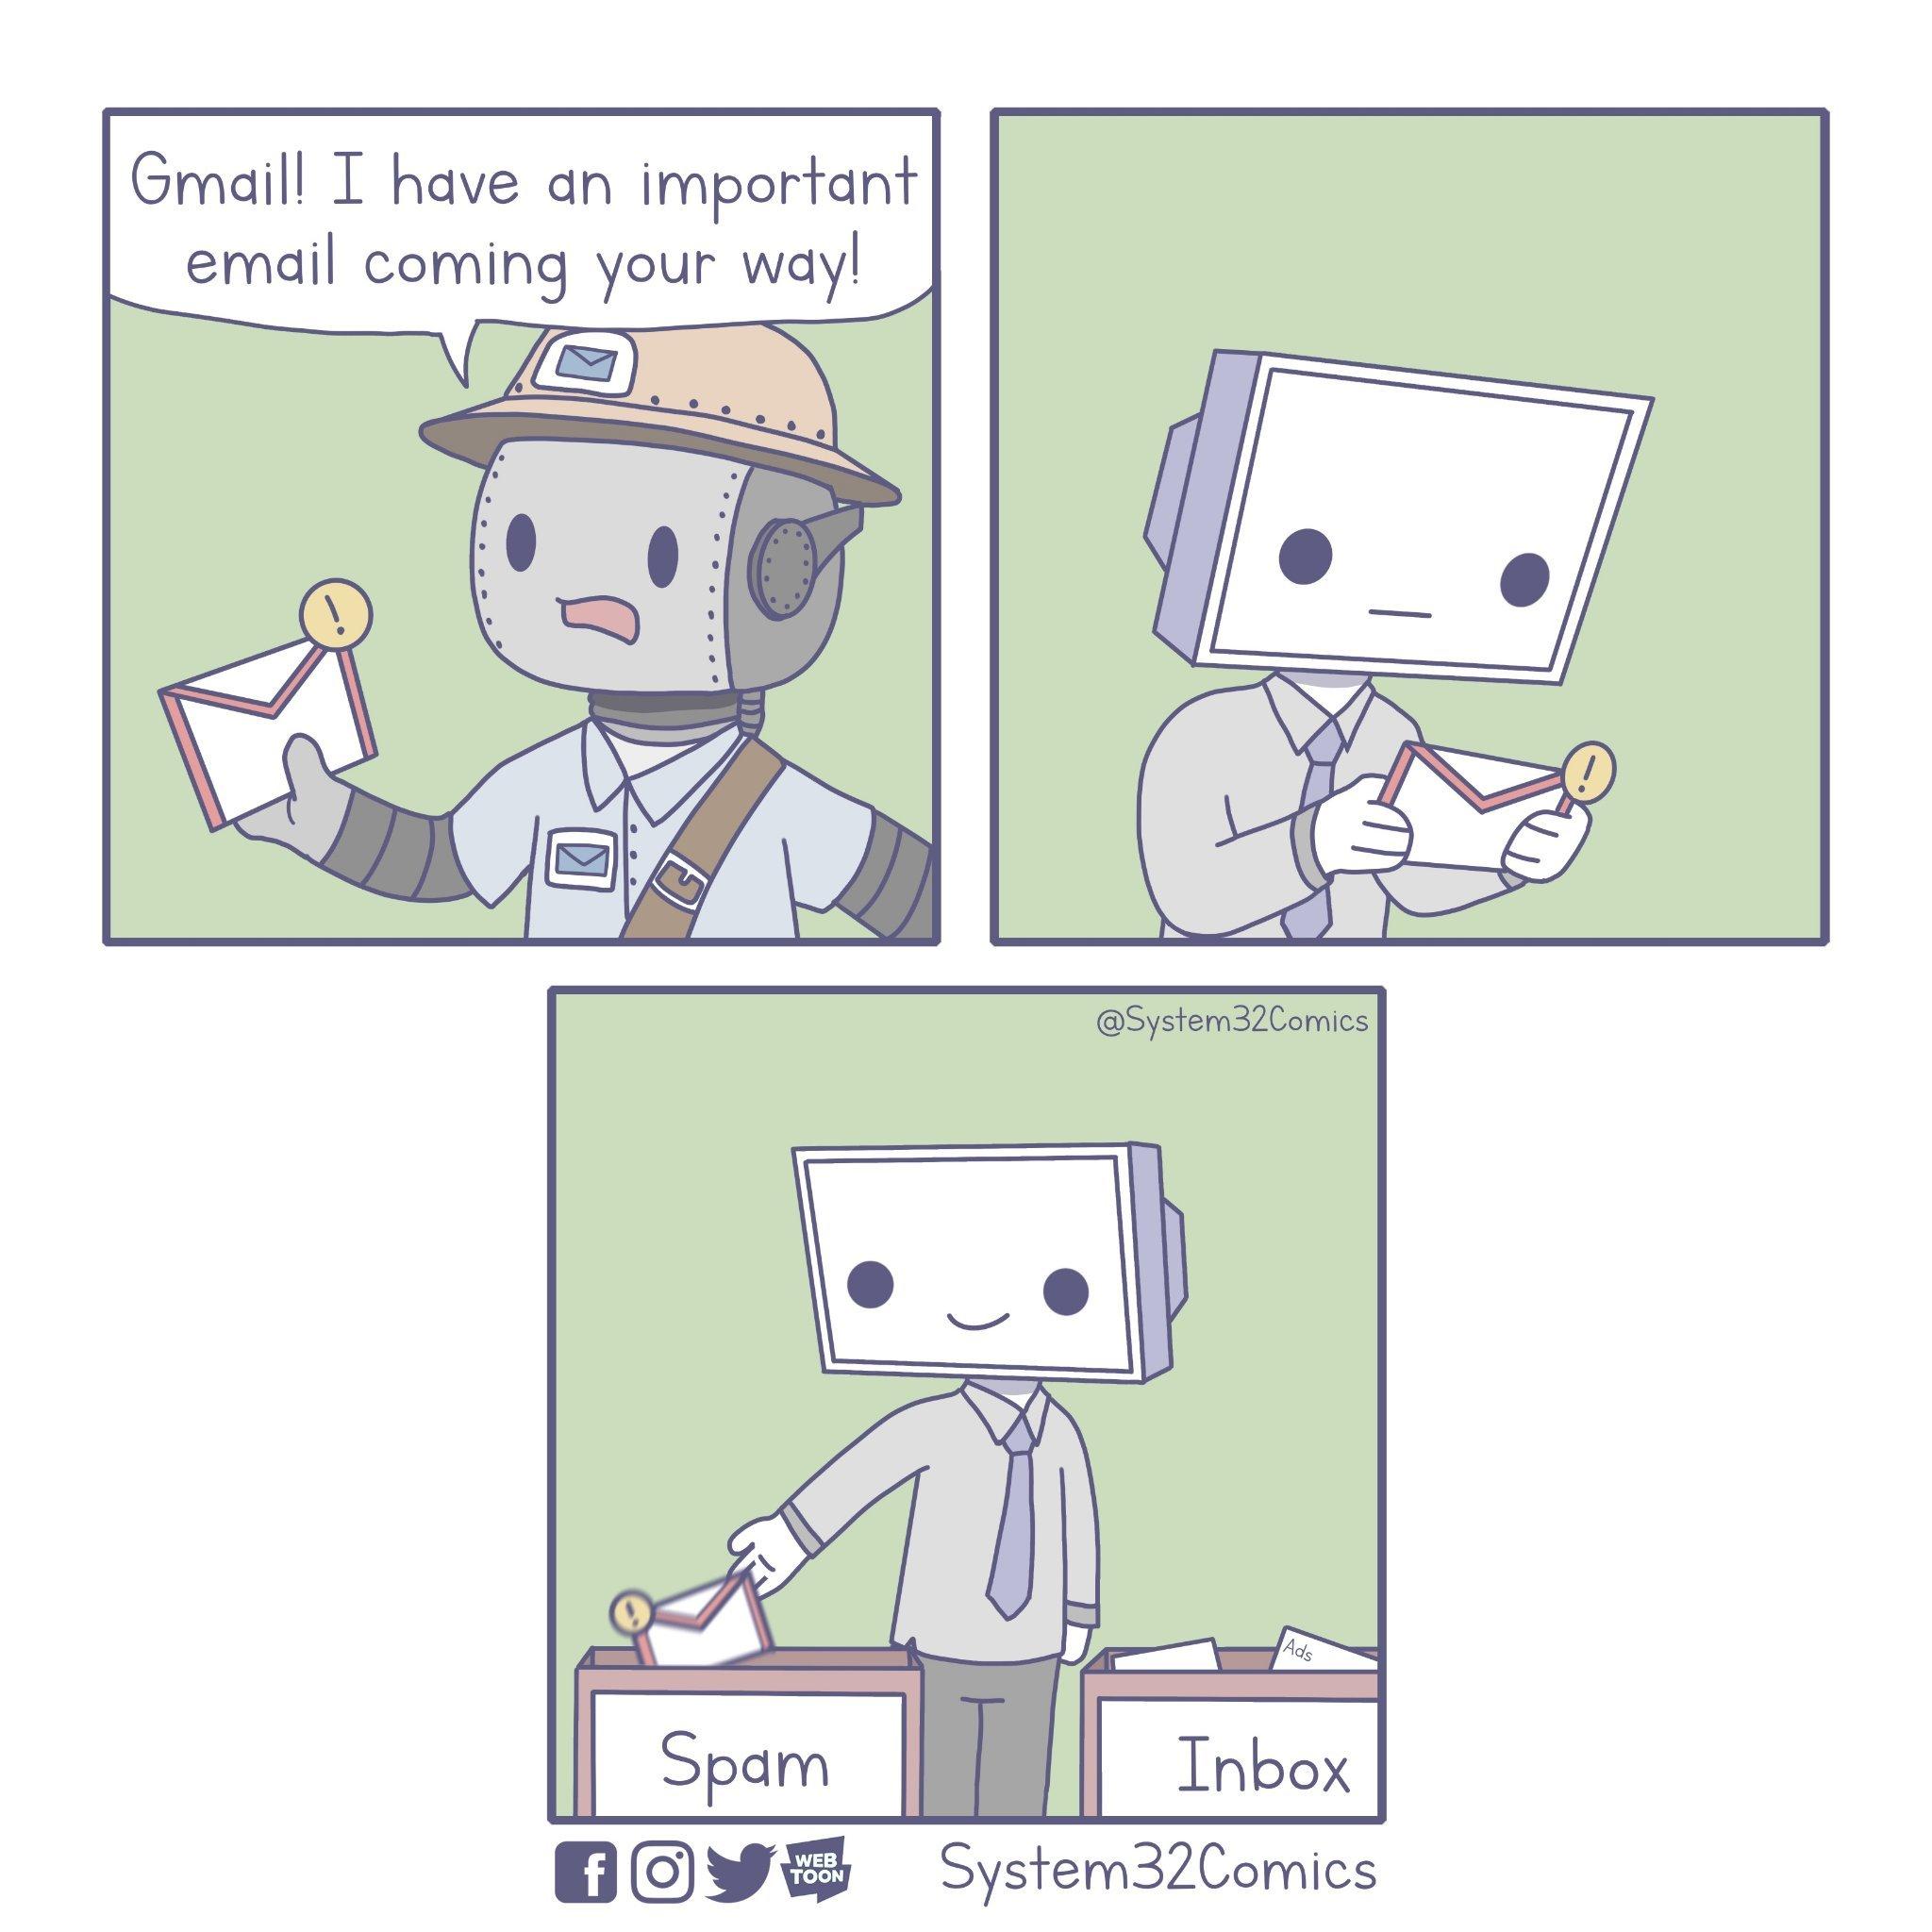 Emails - meme